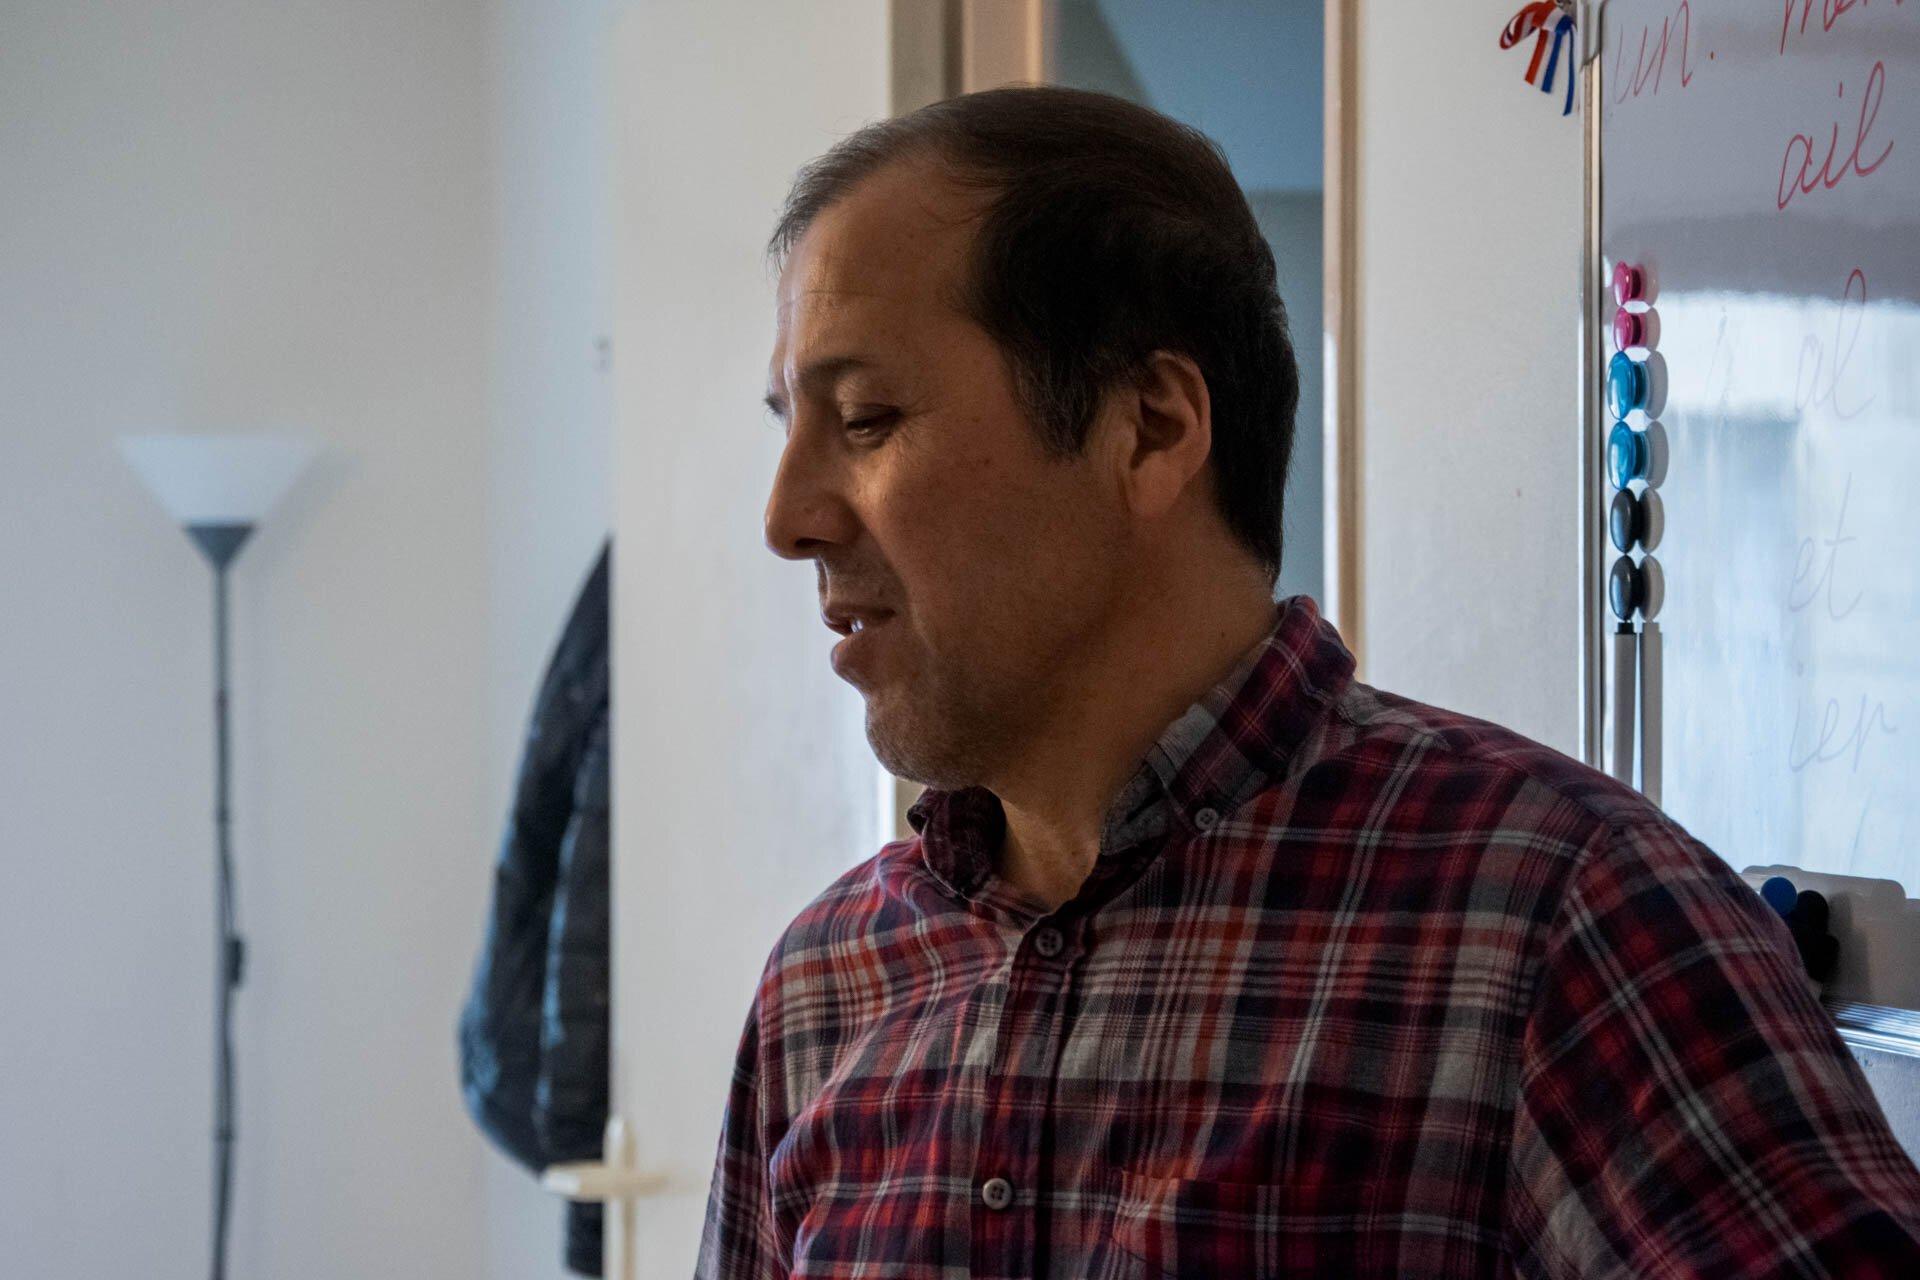 Urmondzhon Sufiev dans l'appartement qui lui est prêté.